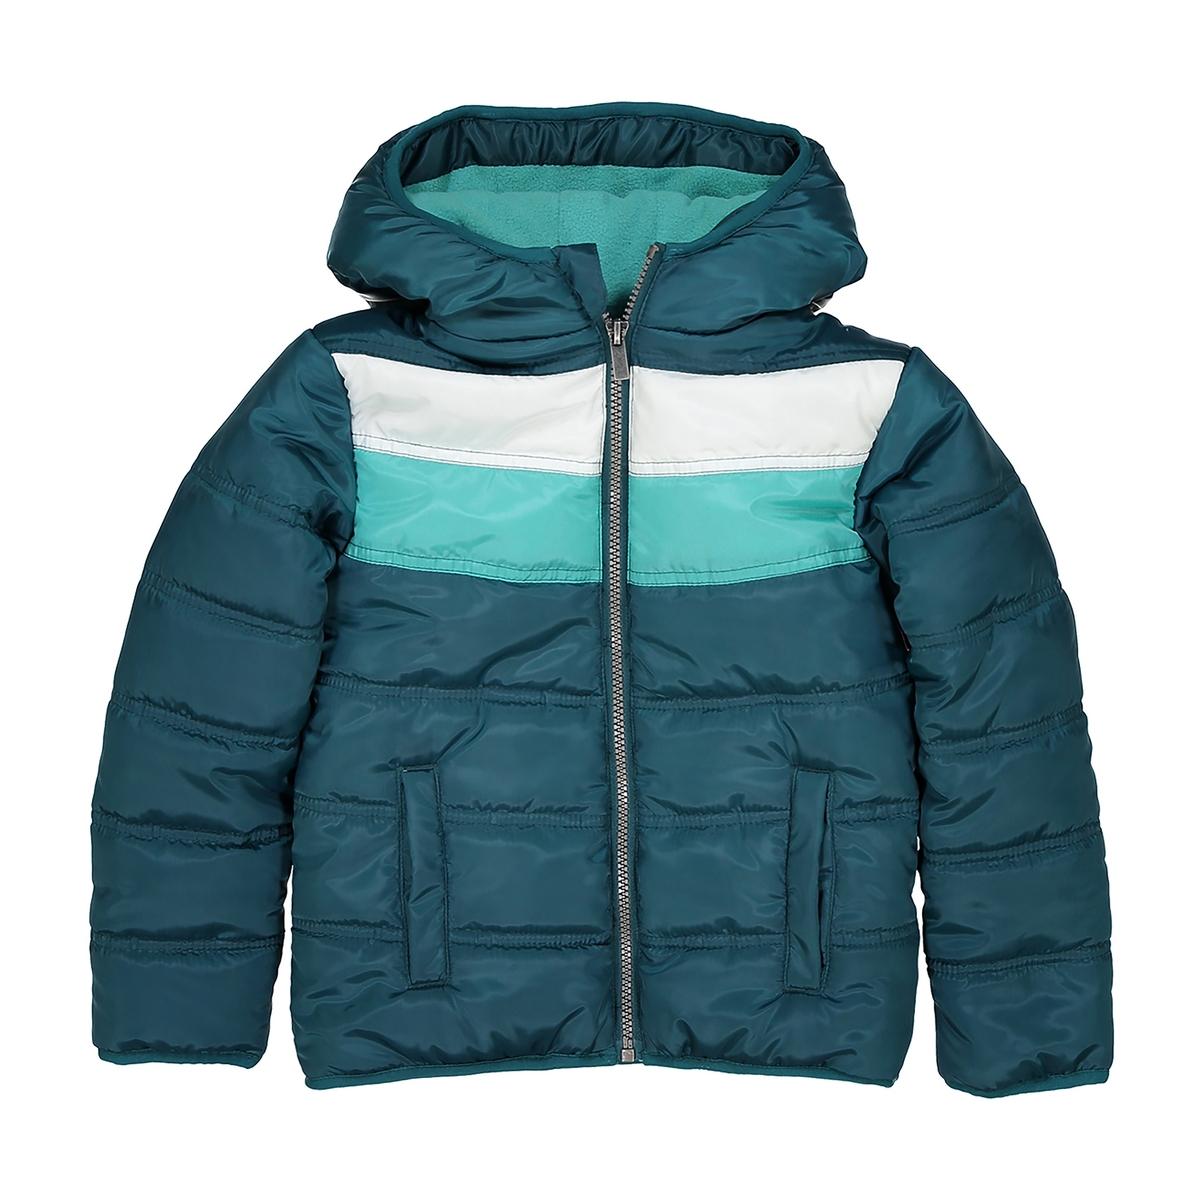 Куртка стеганая с капюшоном 3-12 летДетали •  Рисунок в полоску •  Зимняя модель •  Непромокаемое •  Застежка на молнию •  С капюшоном •  Длина : укороченная  Состав и уход •  100% полиэстер •  Температура стирки 30° •  Сухая чистка и отбеливатели запрещены • Барабанная сушка на слабом режиме   •  Не гладить<br><br>Цвет: синий